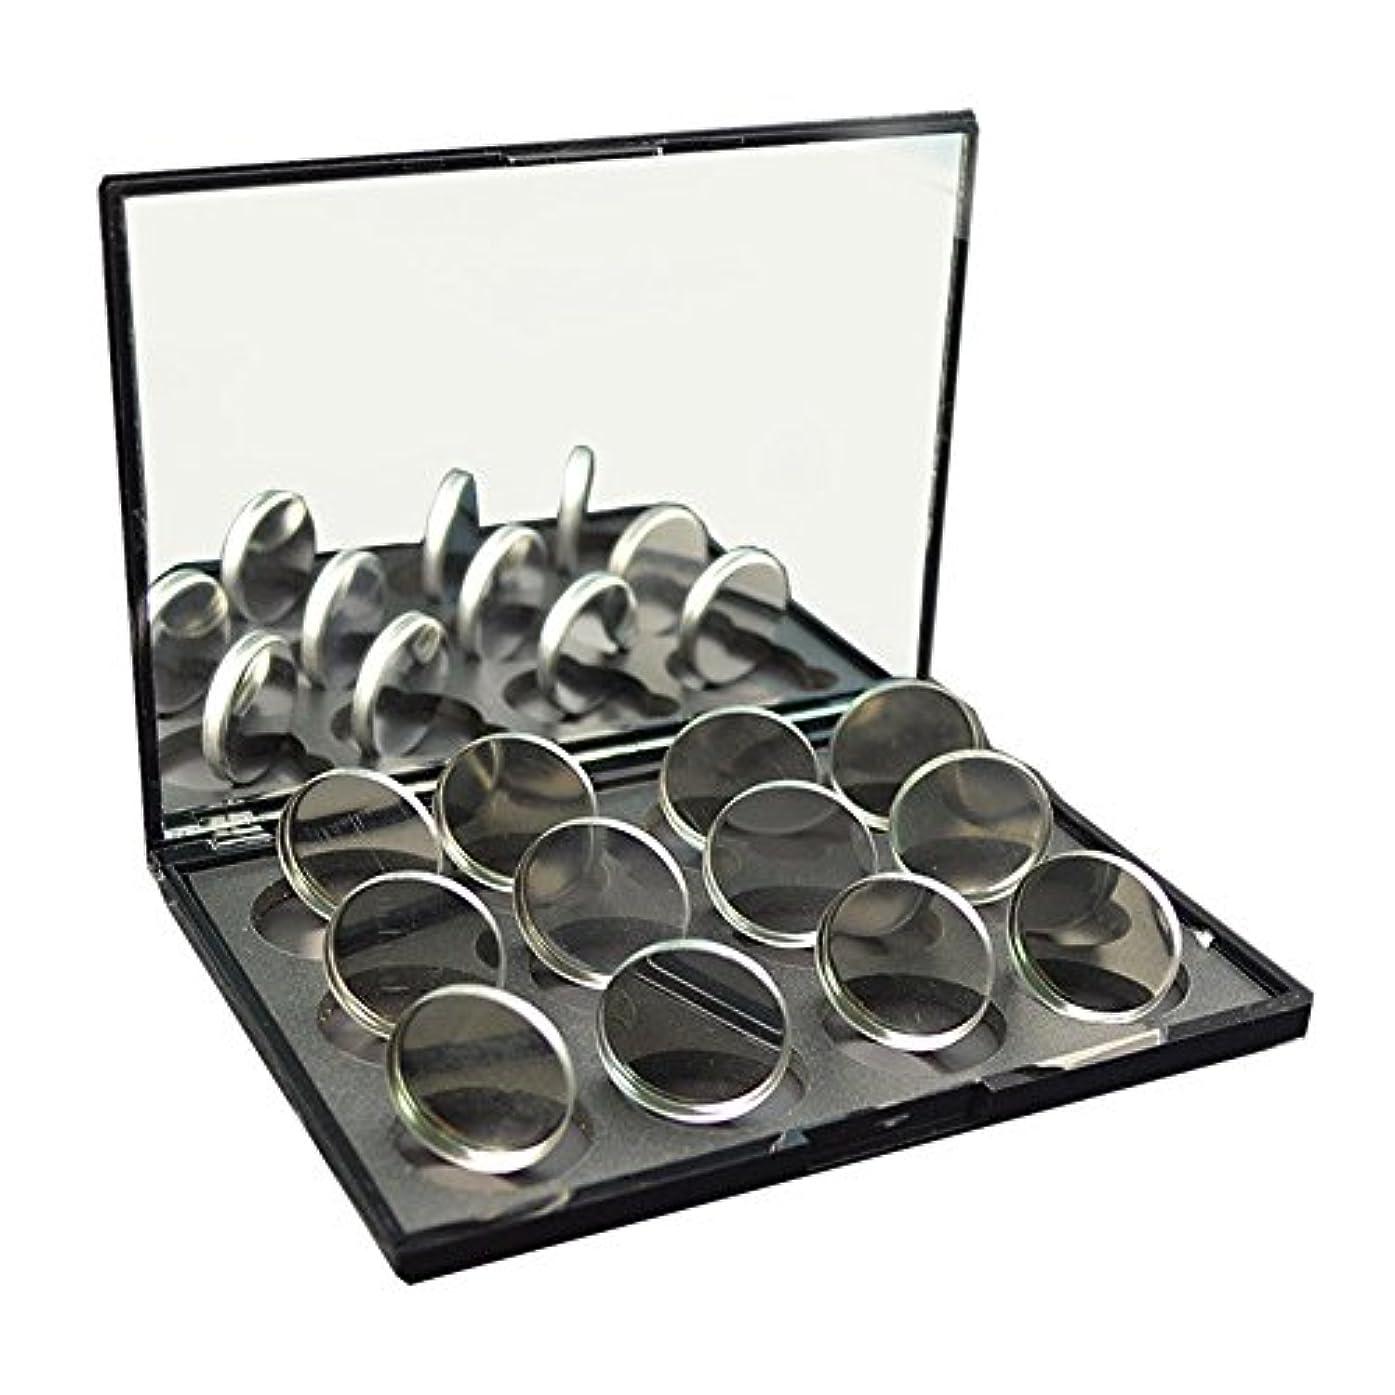 姉妹想像力豊かな混沌磁石に敏感な粉のアイシャドウ26mmのための100pcs空の円形の錫鍋